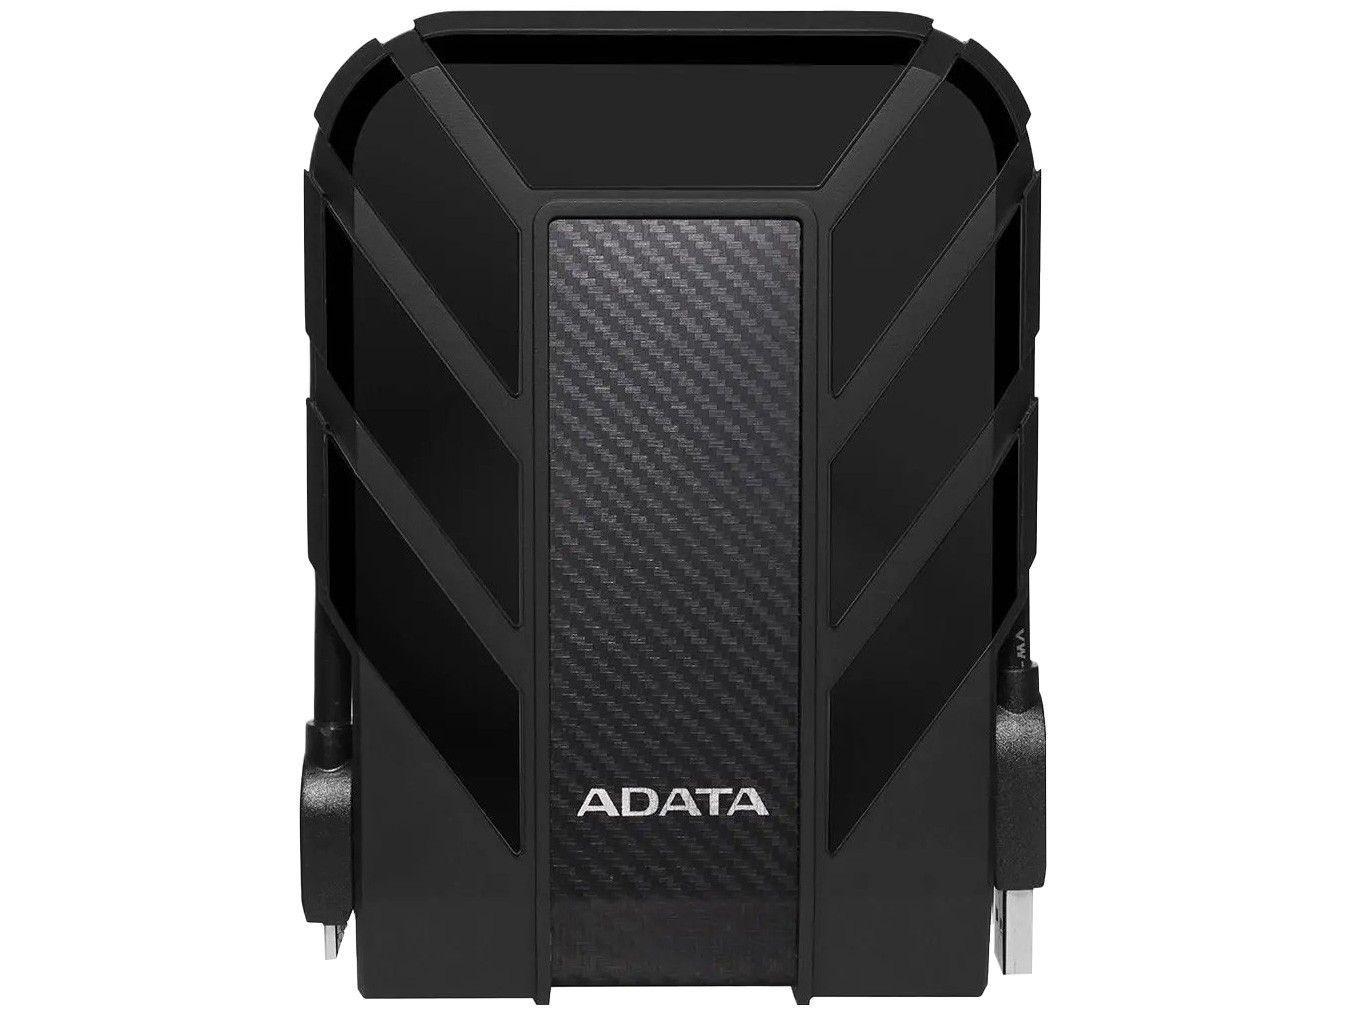 HD Externo 4TB ADATA à Prova dÁgua - AHD710P-4TU31-CBK USB 3.1